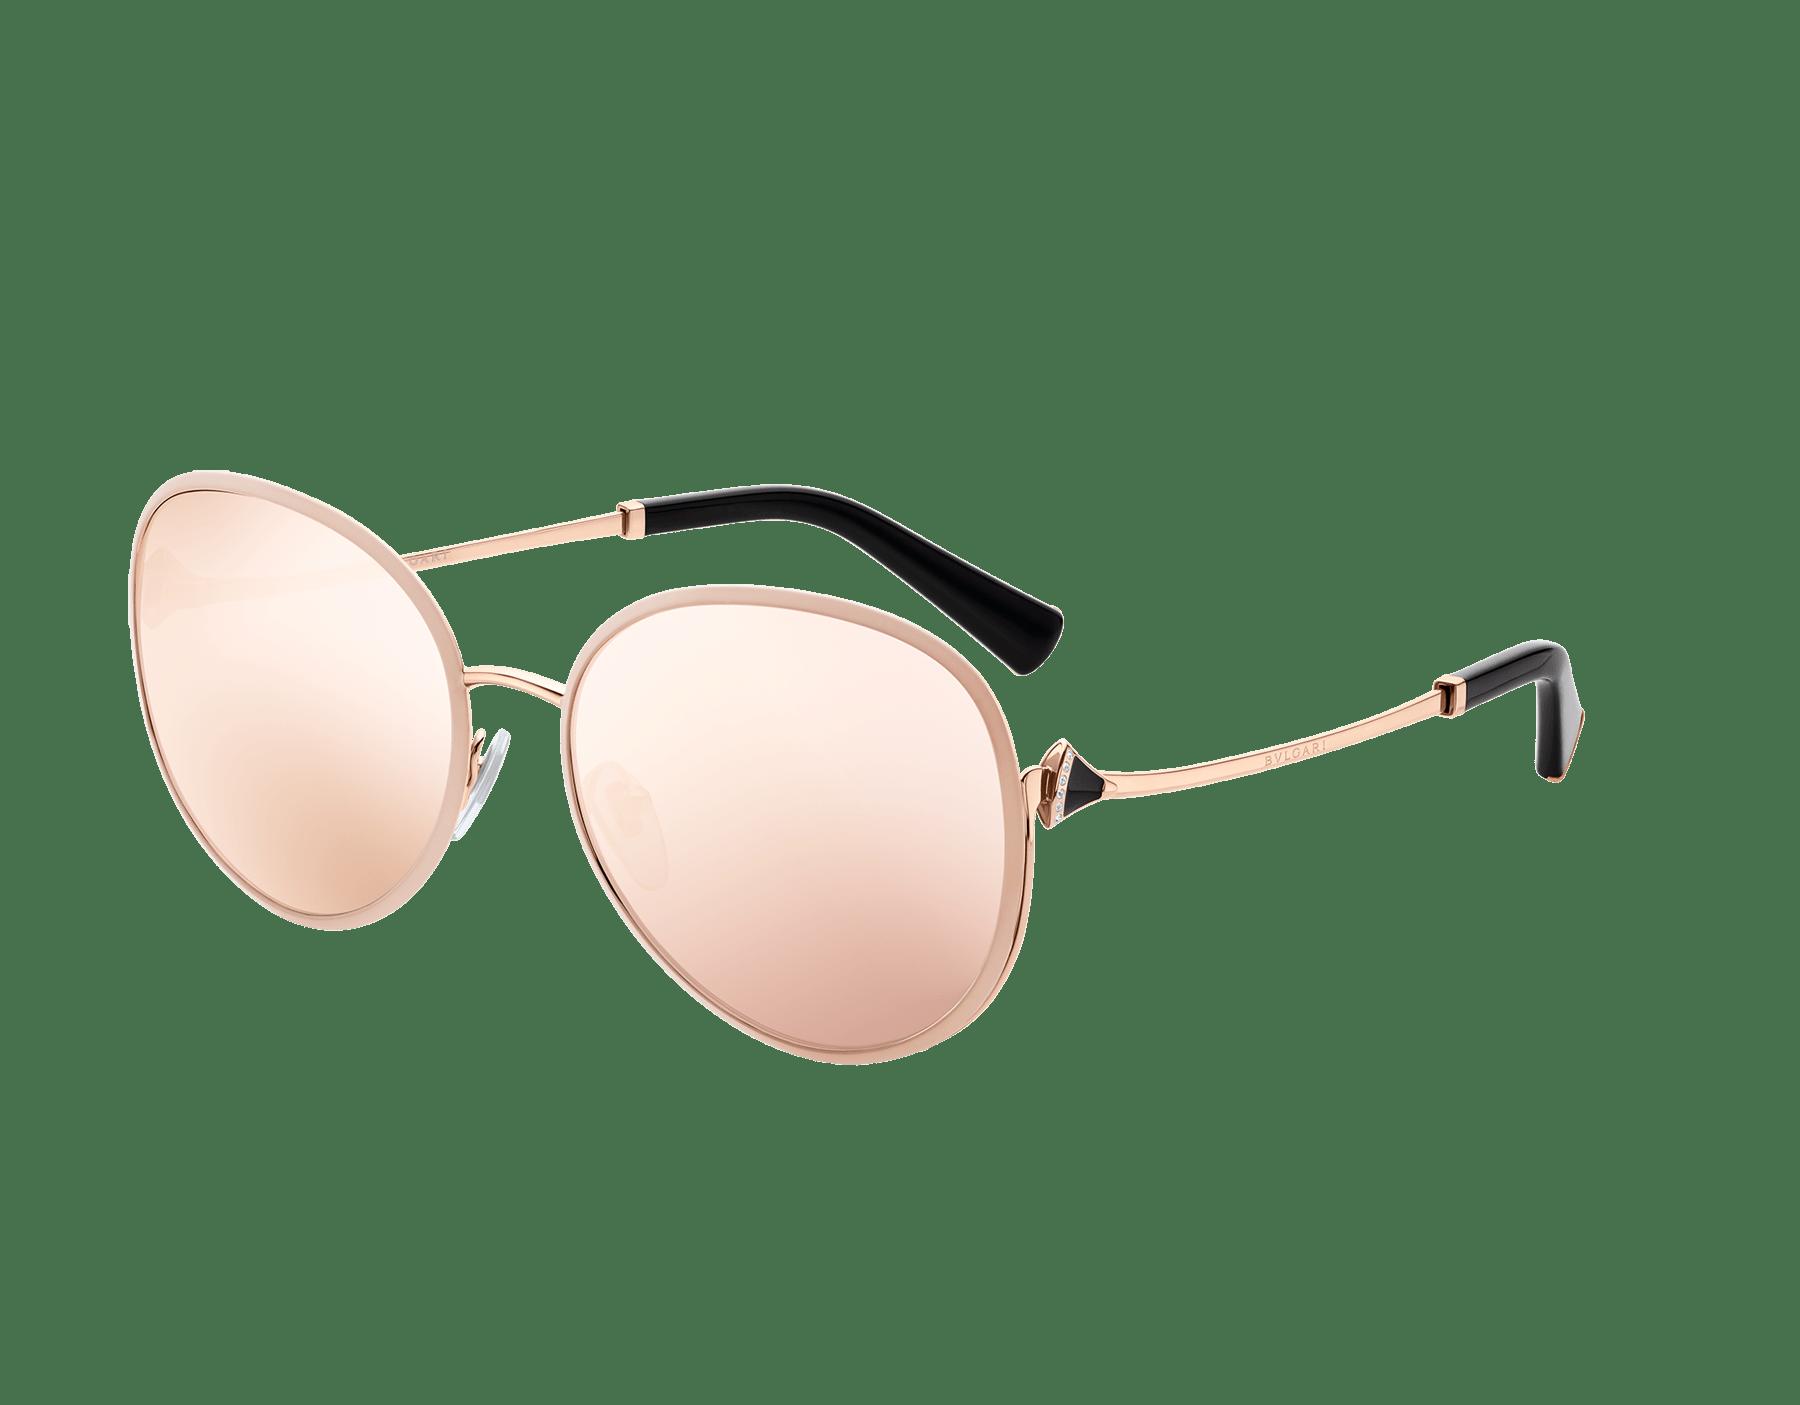 Óculos de sol Divas' Dream com formato redondo em metal. 903596 image 1